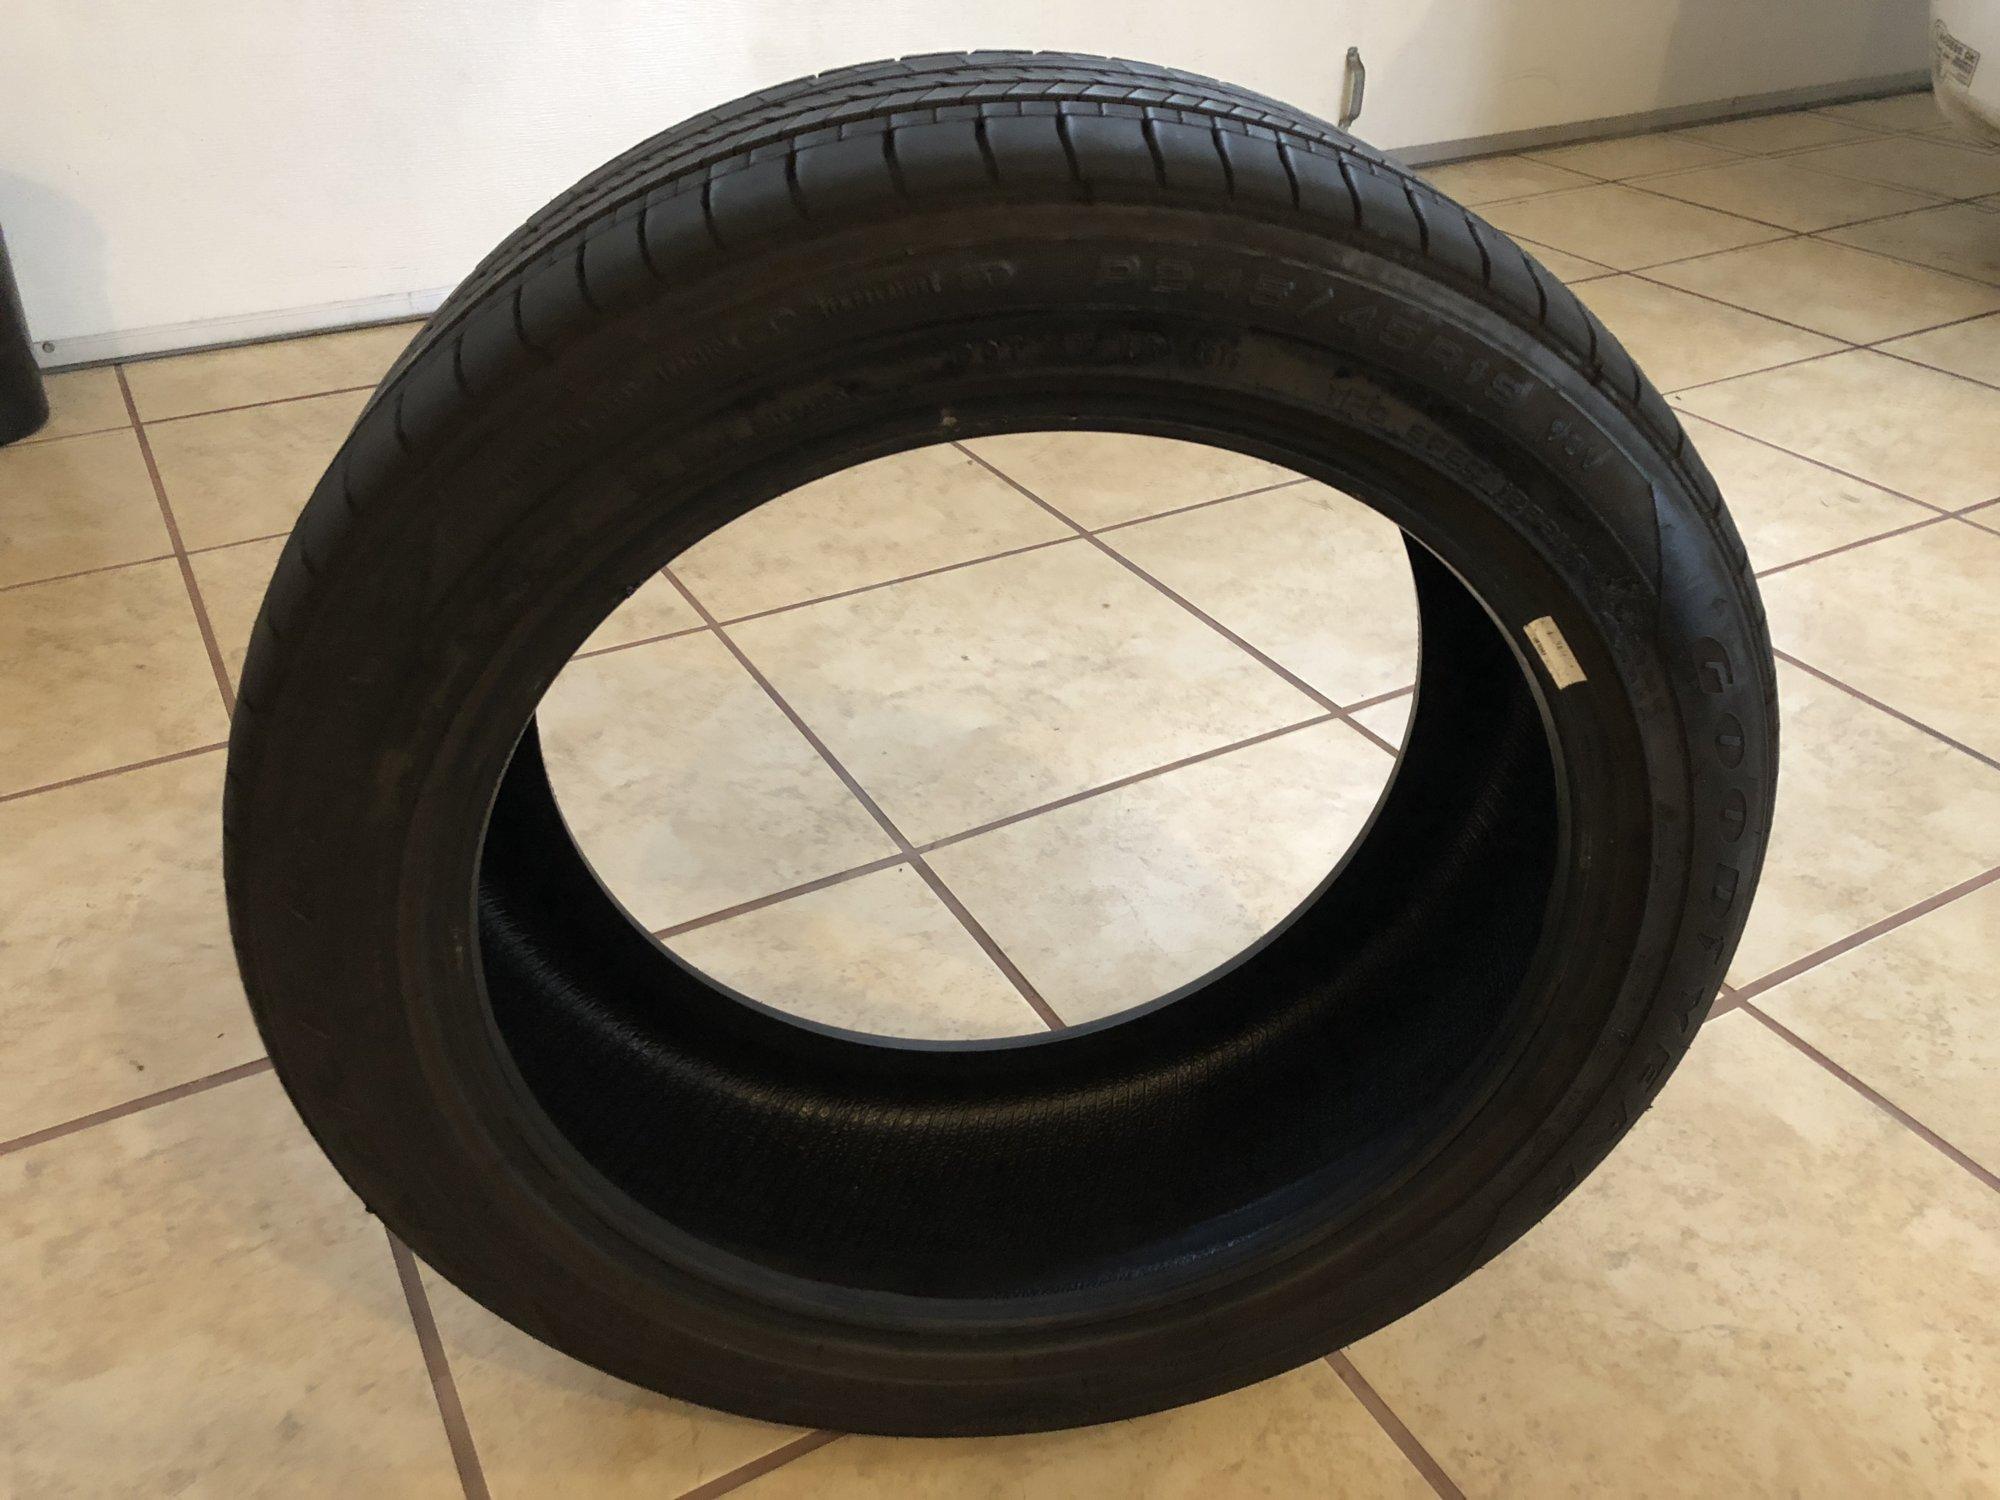 Tesla Tire 1.JPG